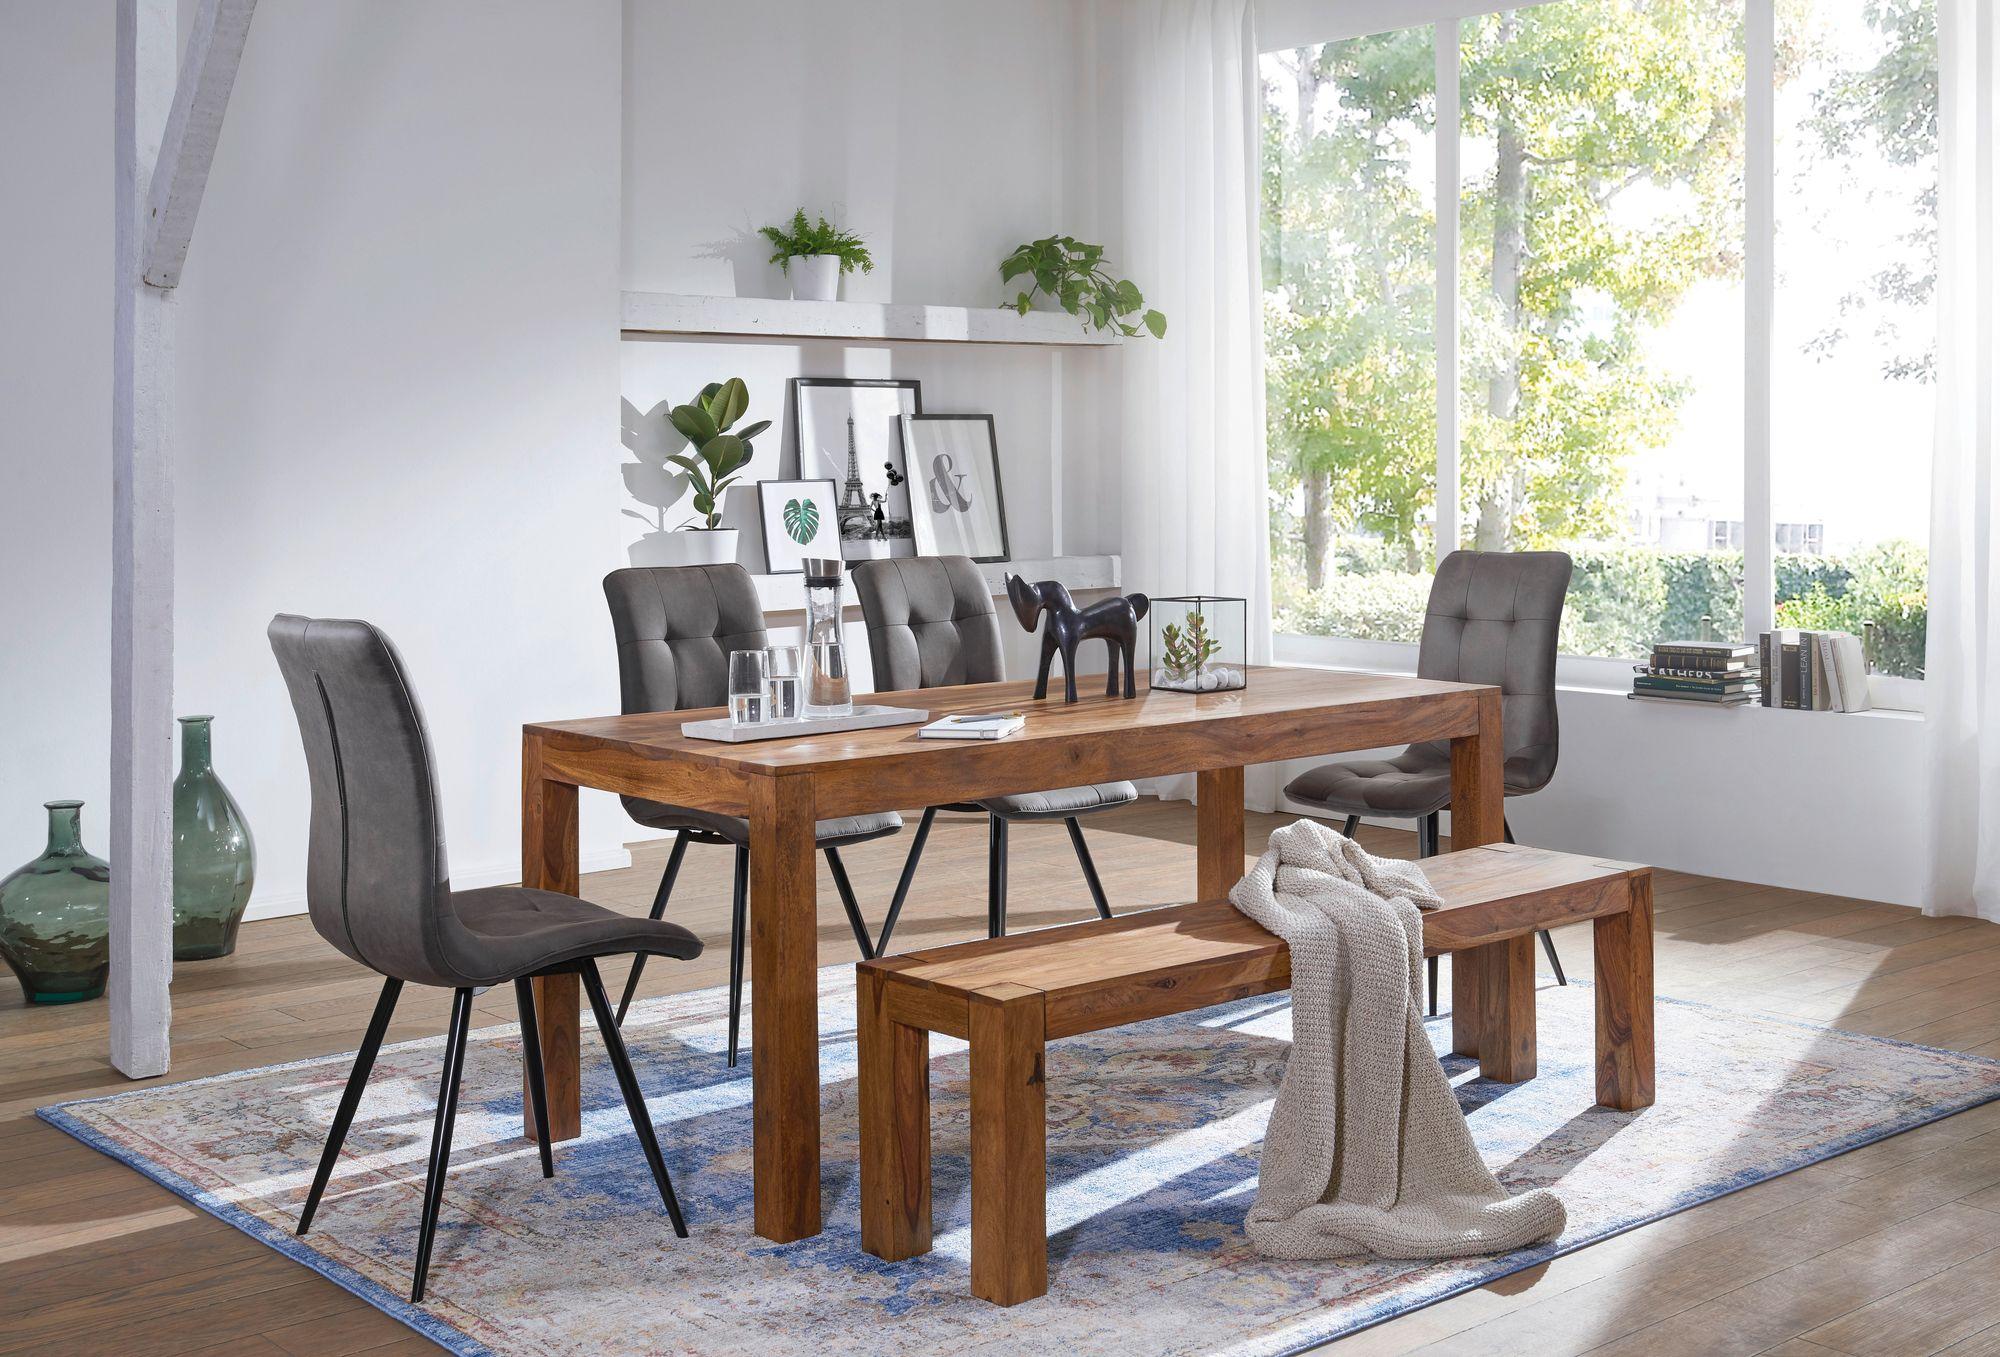 Bon WOHNLING Esstisch MUMBAI Massiv 160 X 80 Cm Massivholz Küchentisch Esszimmer  Tisch Neu